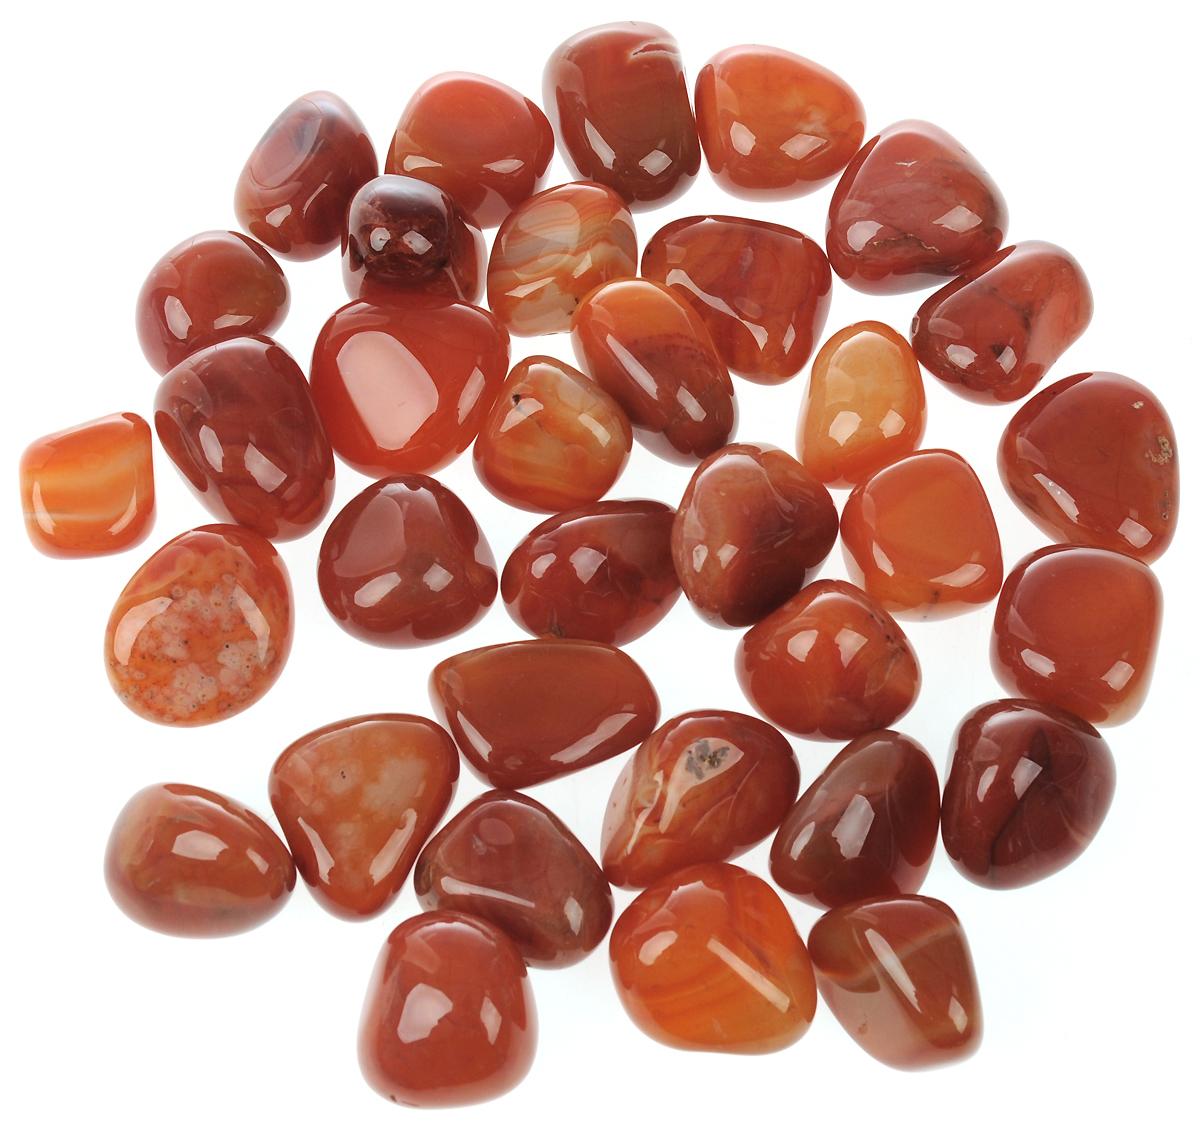 Кристаллы Lo Scarabeo Карнелиан, 500 гр. CR07CR07Камни в виде кристаллов могут использоваться в астрологических гаданиях, а также как амулет или талисман. В зависимости от свойств камня можно выбирать и принцип его применения. Обращаем ваше внимание, что упаковка может содержать различное количество кристаллов (20-35 штук).